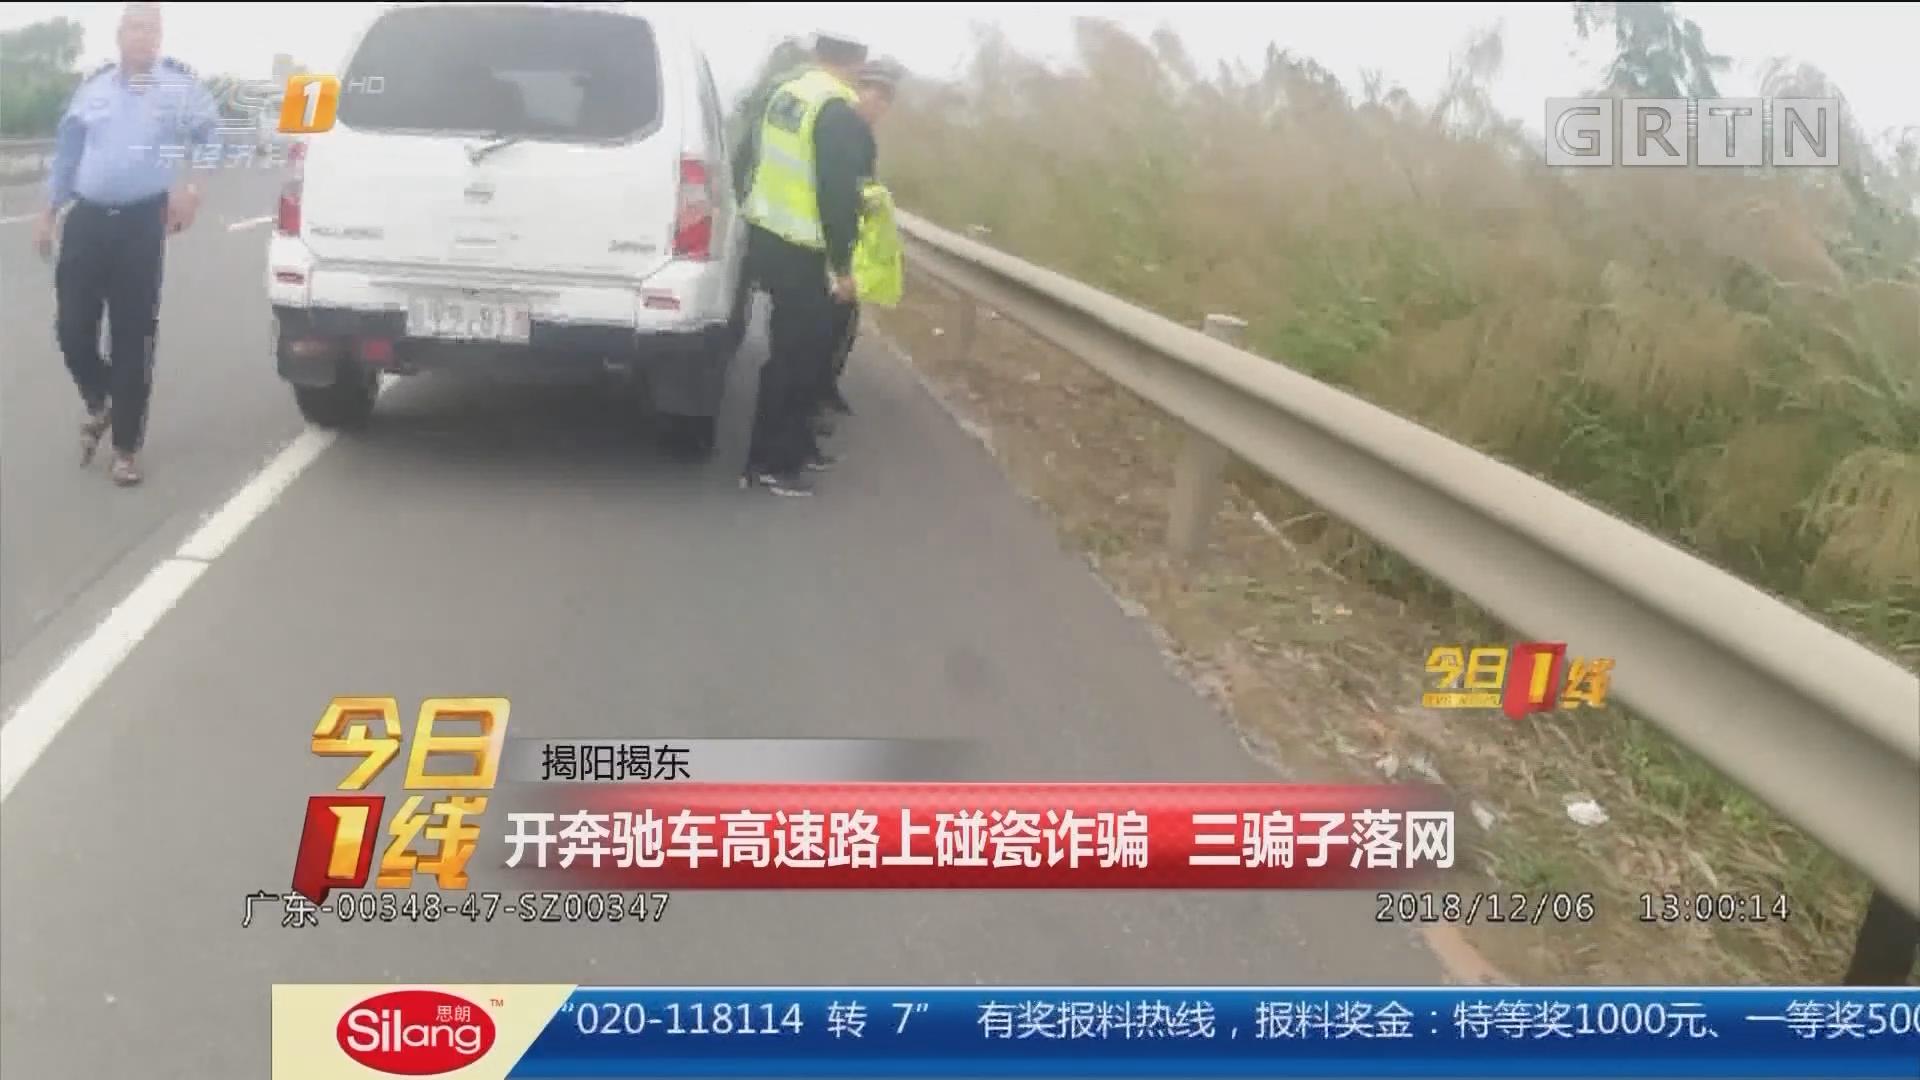 揭阳揭东:开奔驰车高速路上碰瓷诈骗 三骗子落网